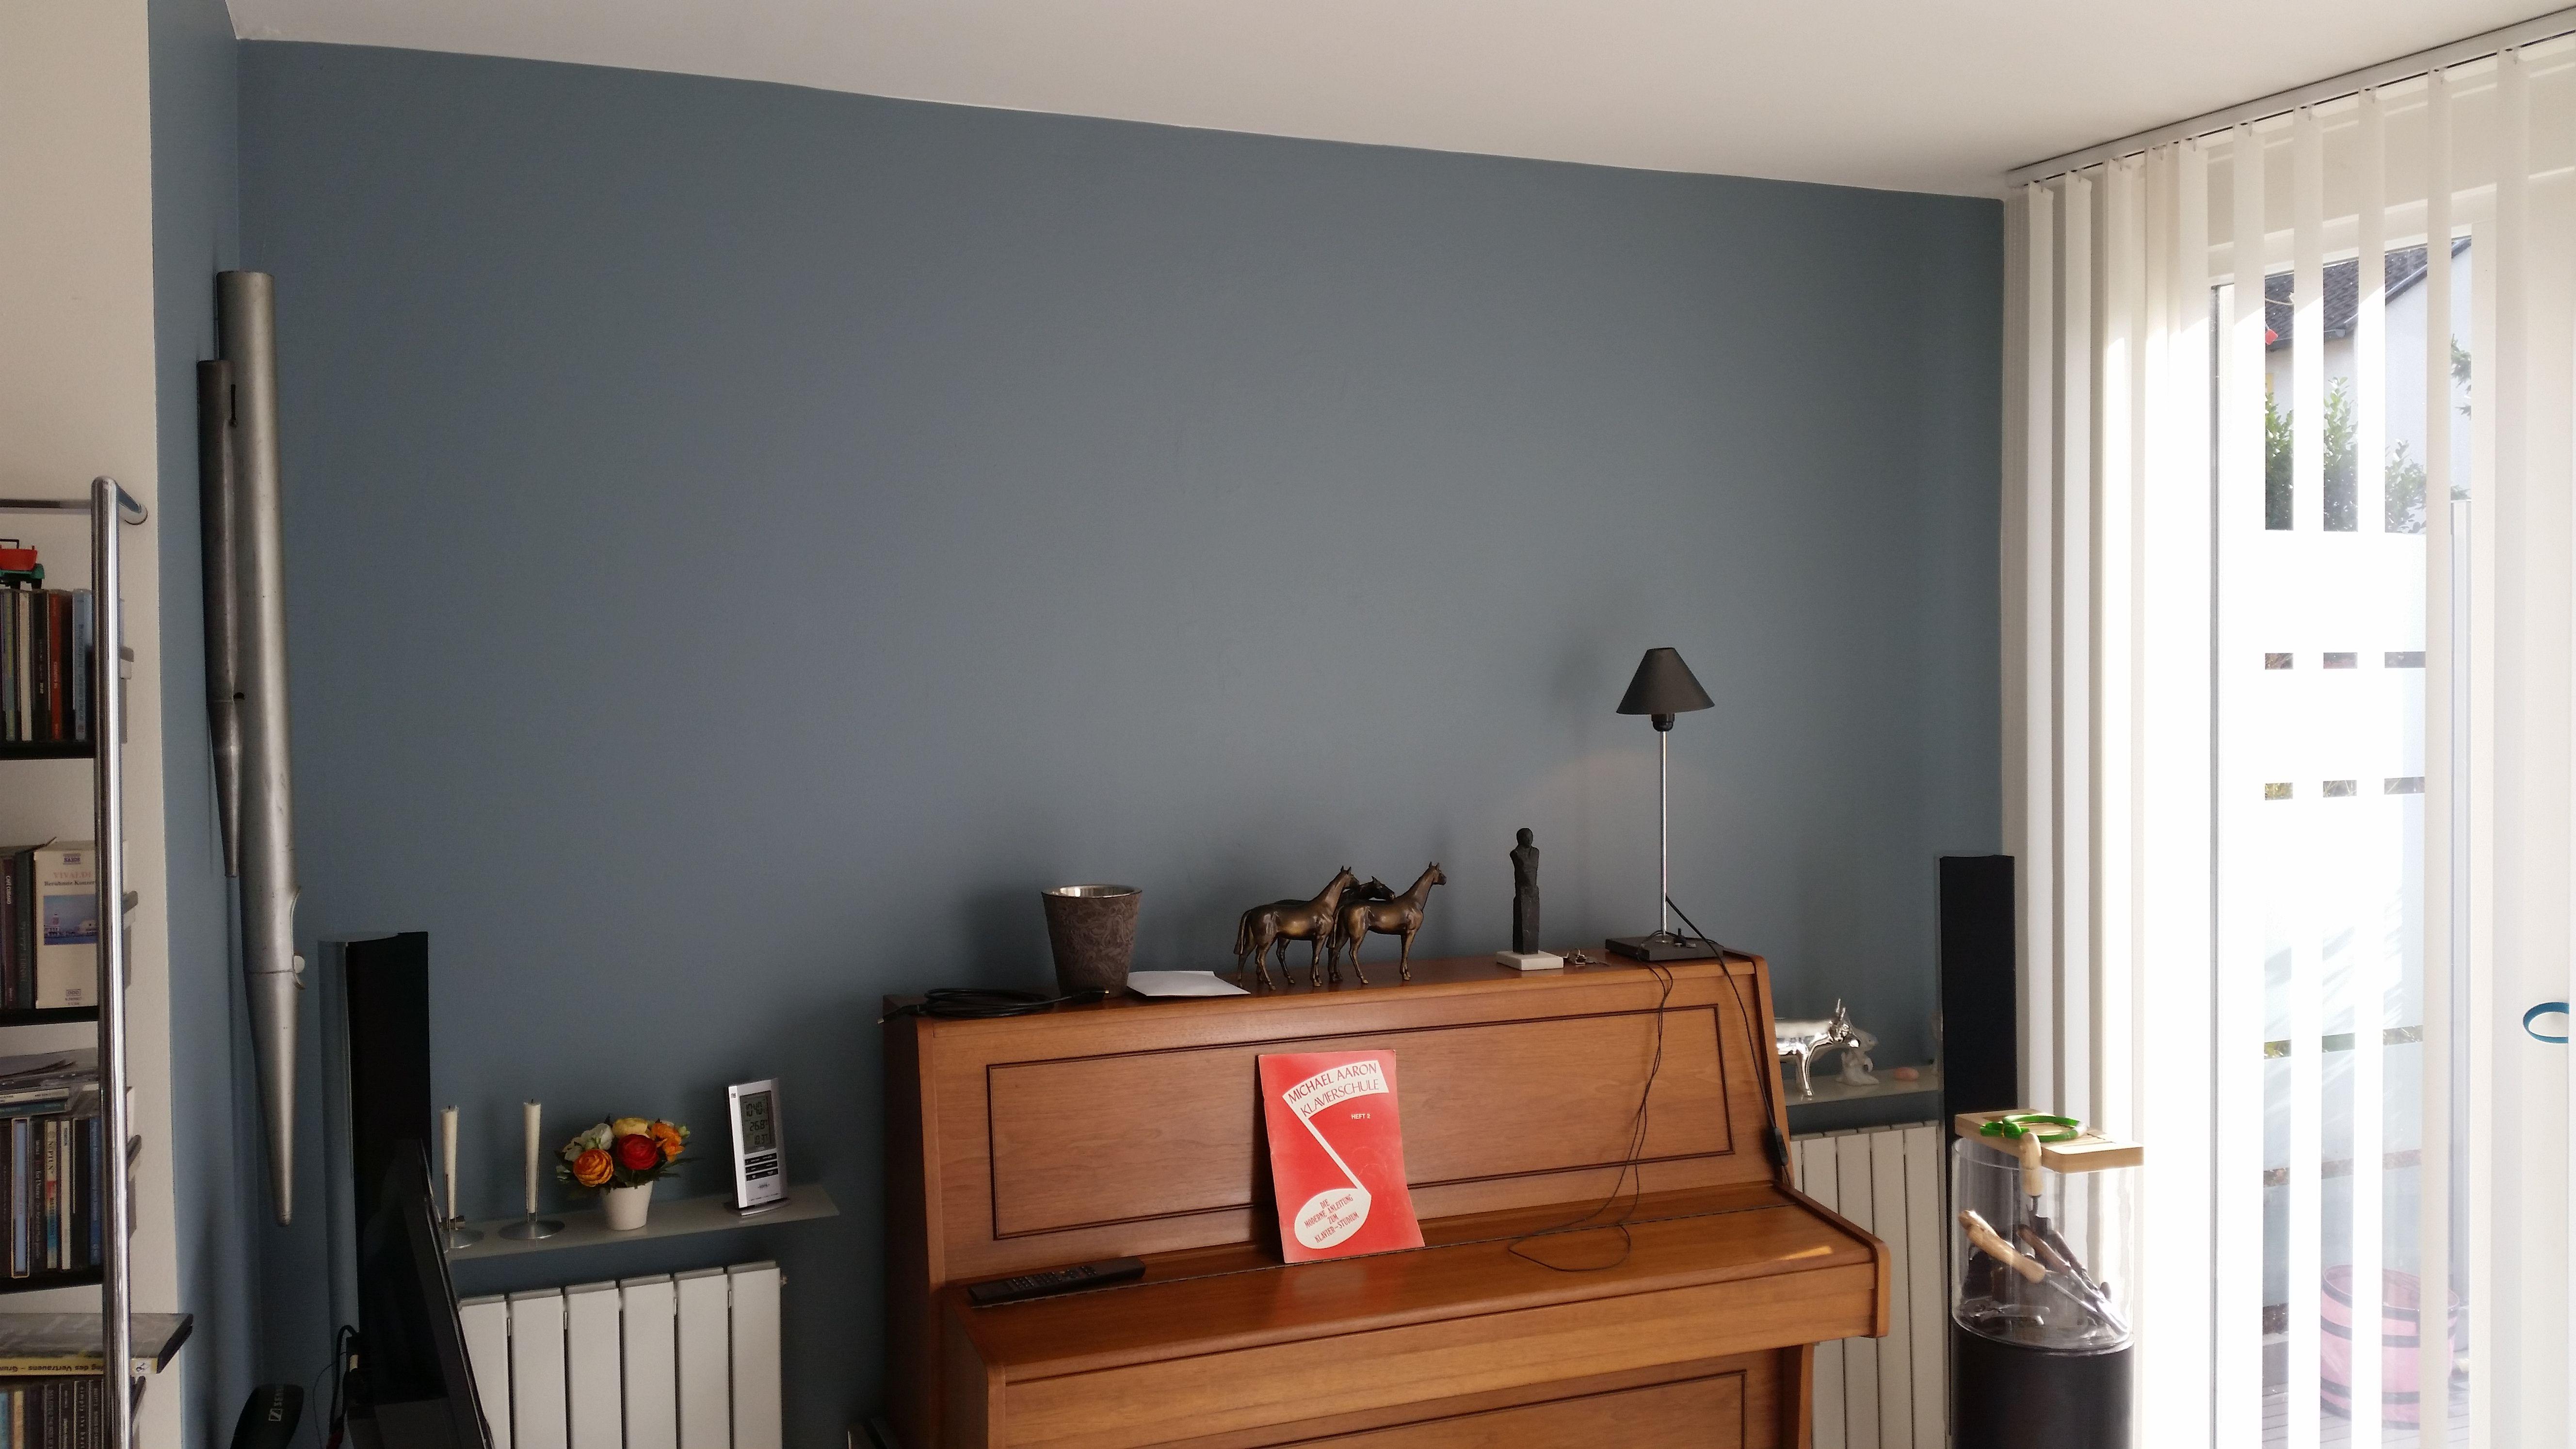 farbige farbtöne im wohnzimmer. warum nicht ? | wohn design